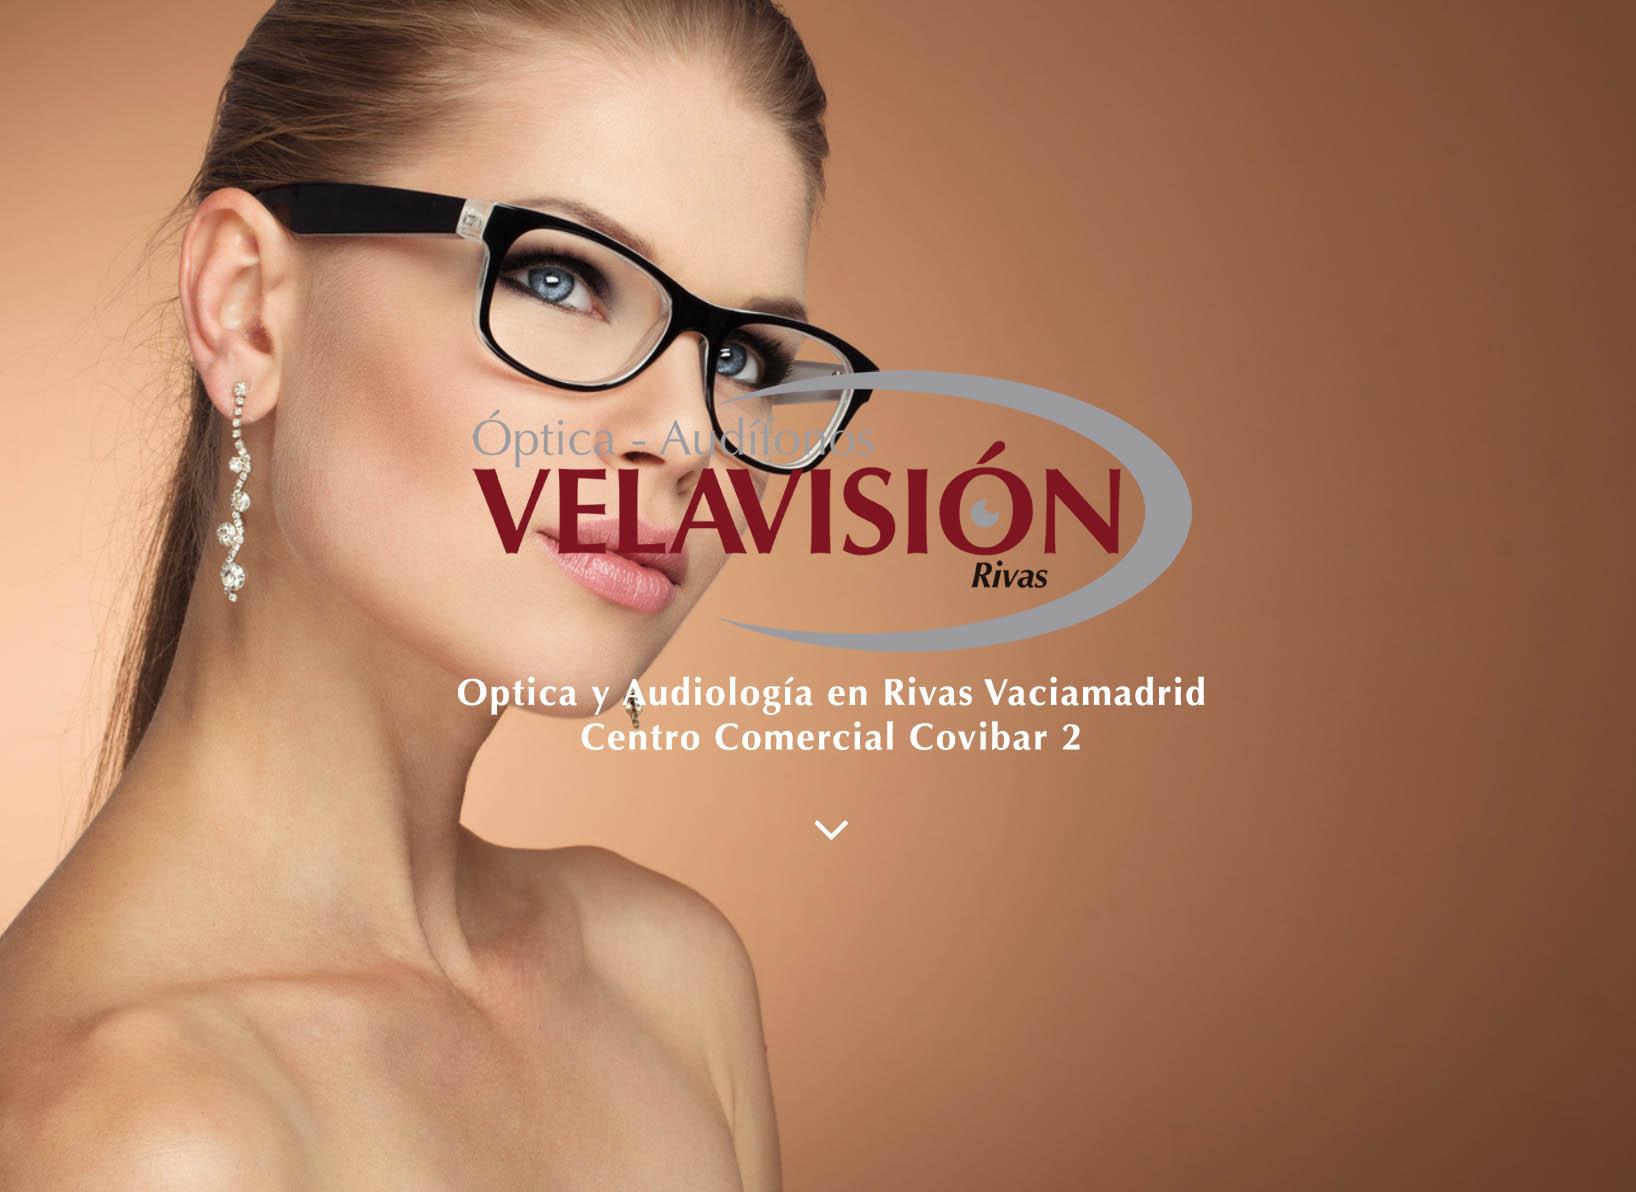 Diseño web para Optica Velavisión, realizado por Dedalo Digital